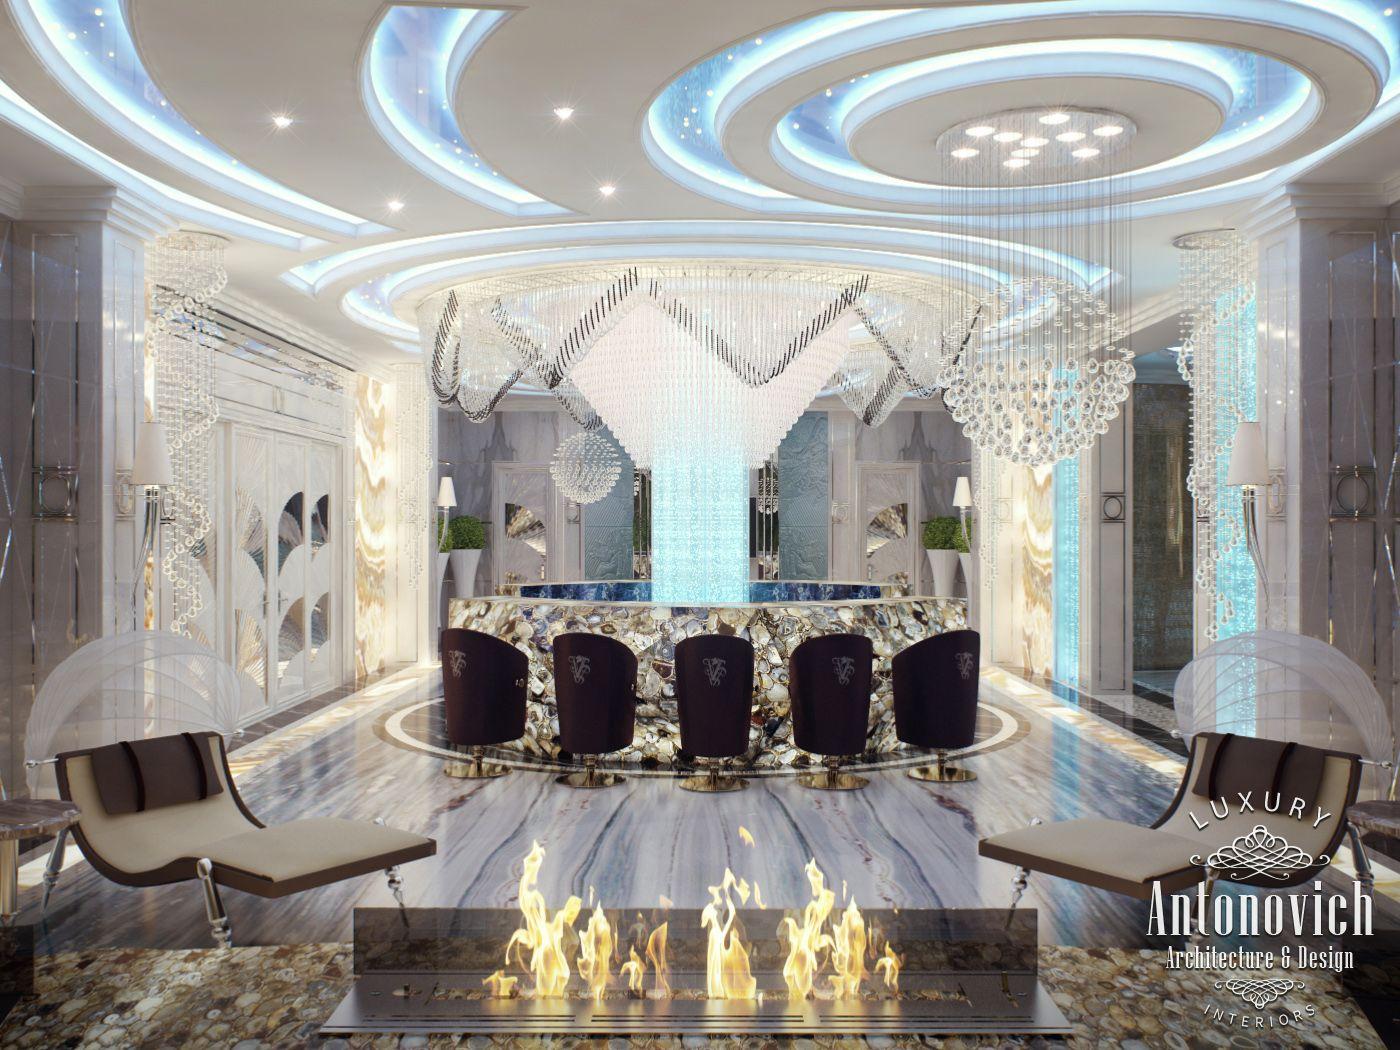 Home Spa Design Ideas: LUXURY ANTONOVICH DESIGN UAE: Spa Interior Design By